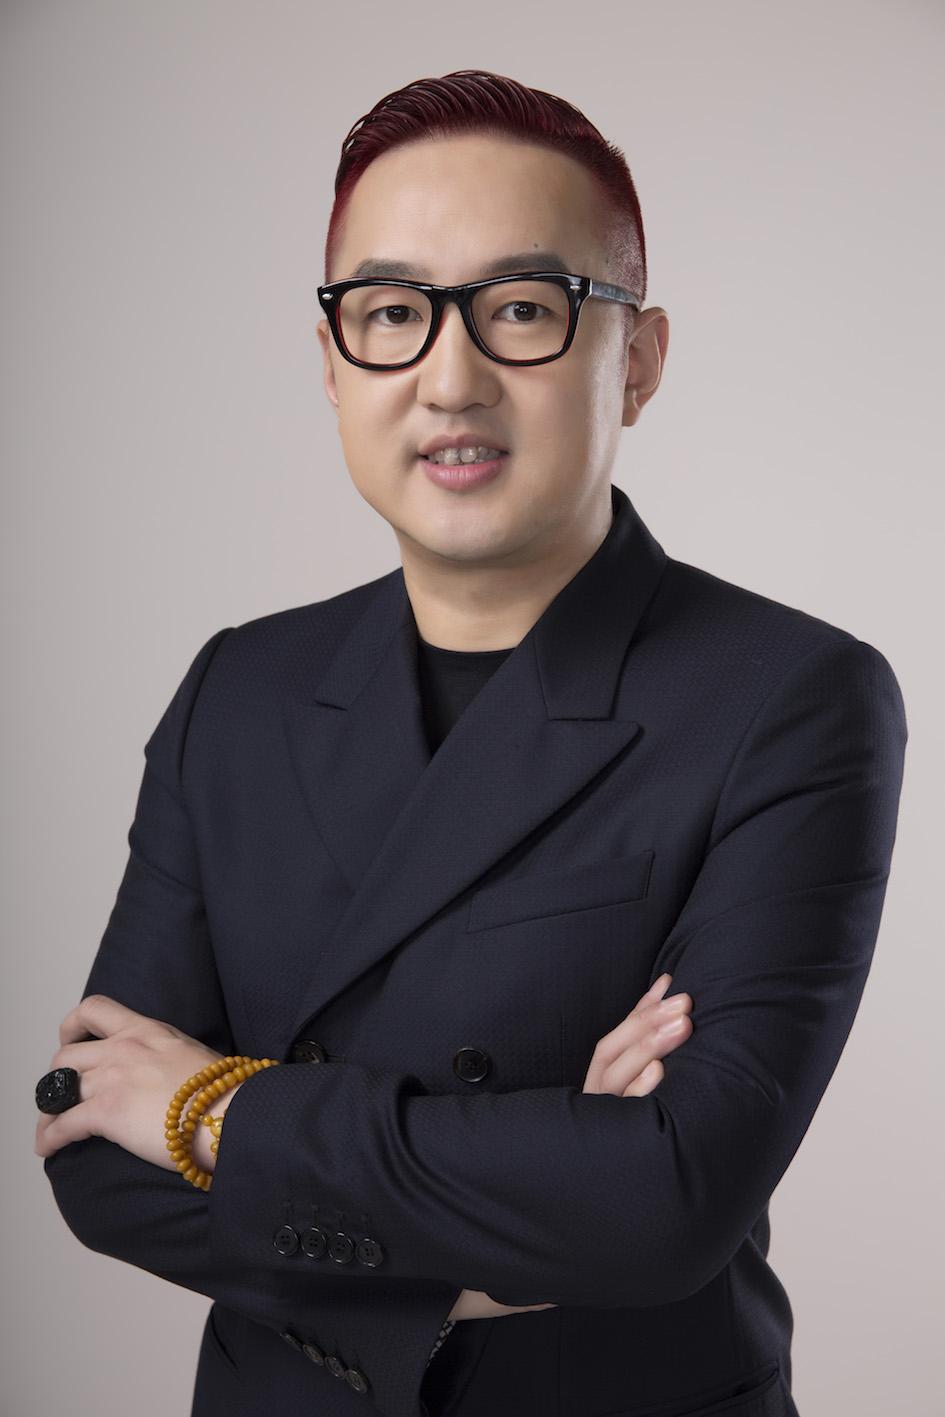 Lire notre interview de Bao Yifeng, co-fondateur des foires JingArt et Art021 -